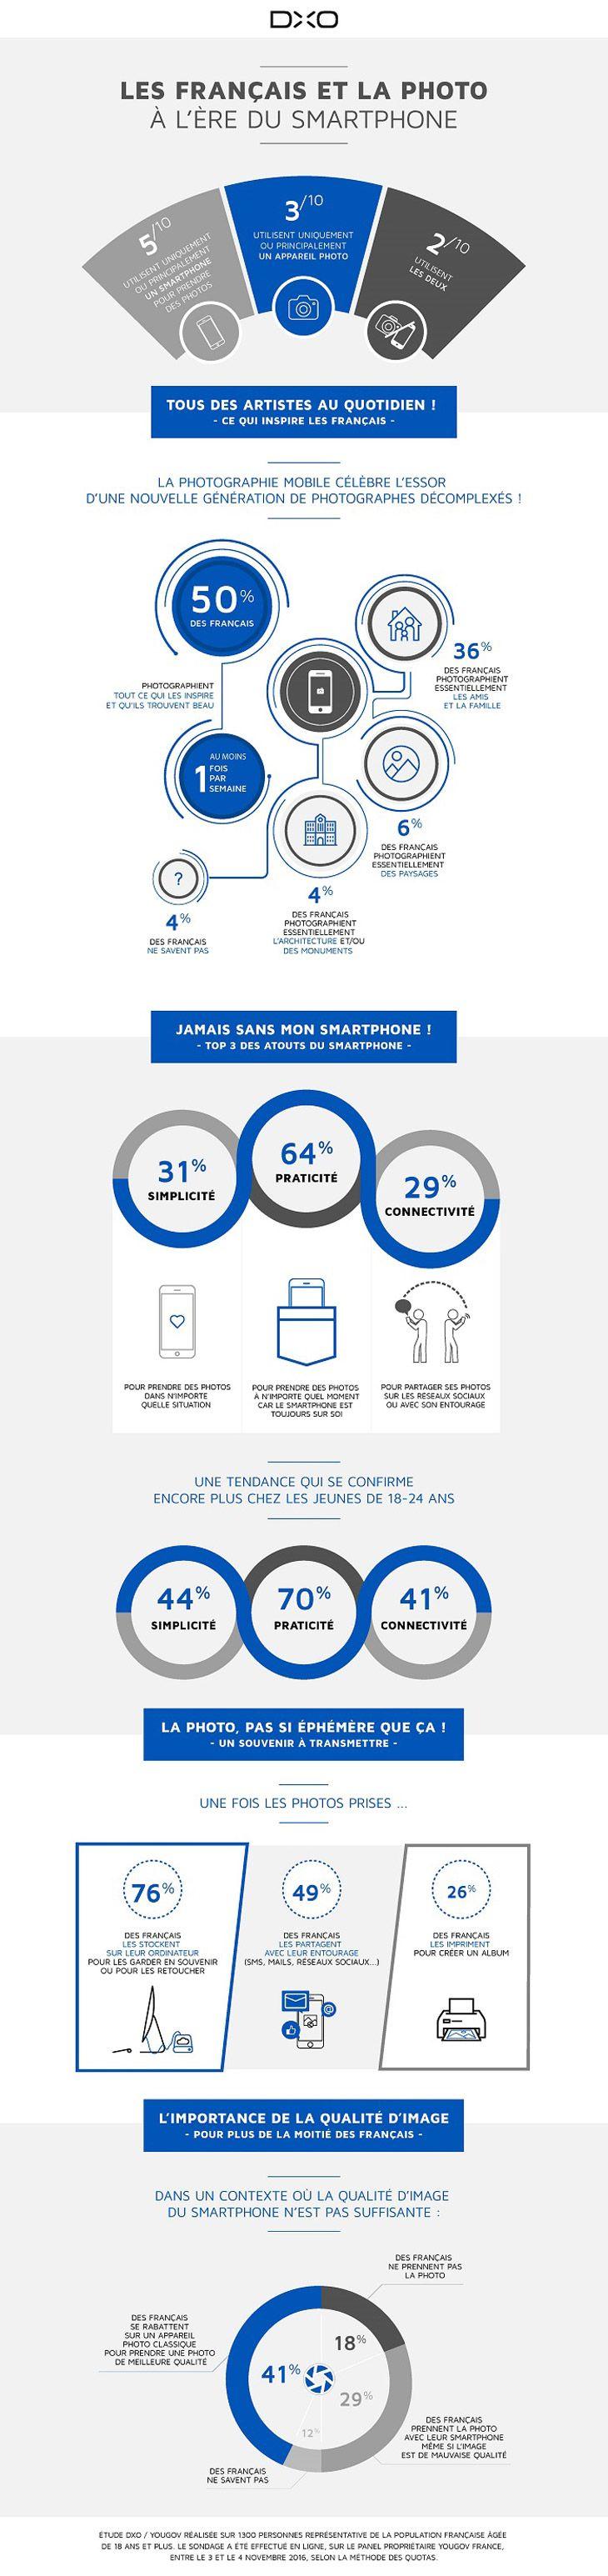 Découvrons une infographie sur les usages de la photographie mobile par les français, réalisée par DXO. Une étude portant sur 1300 personnes.